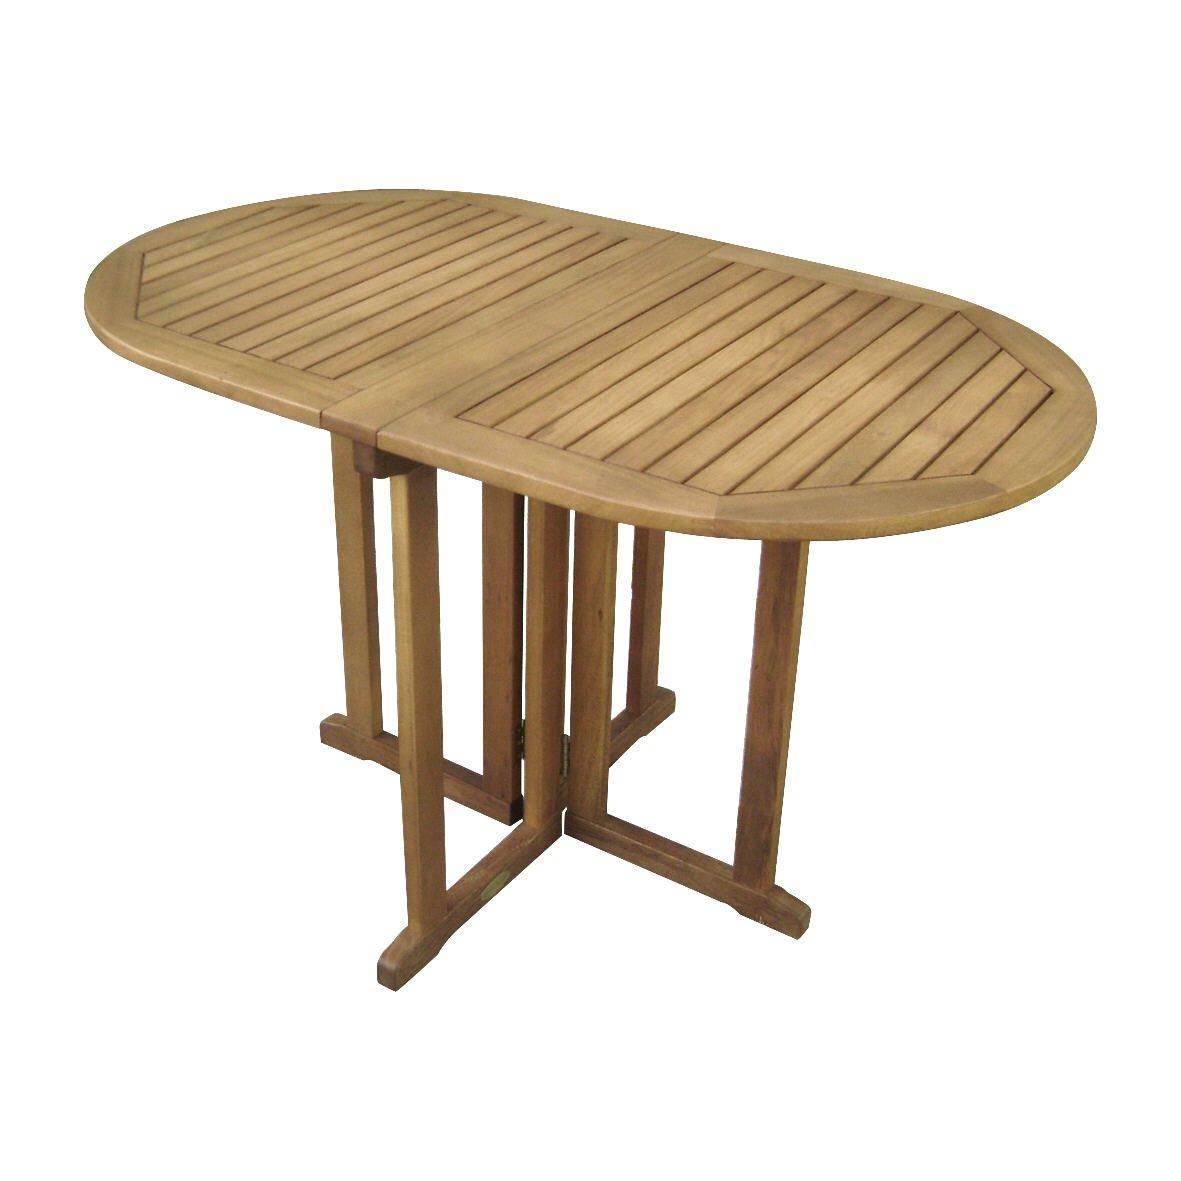 Gateleg Tisch für Garten und Terrasse, Massivholz 120 x 70 cm